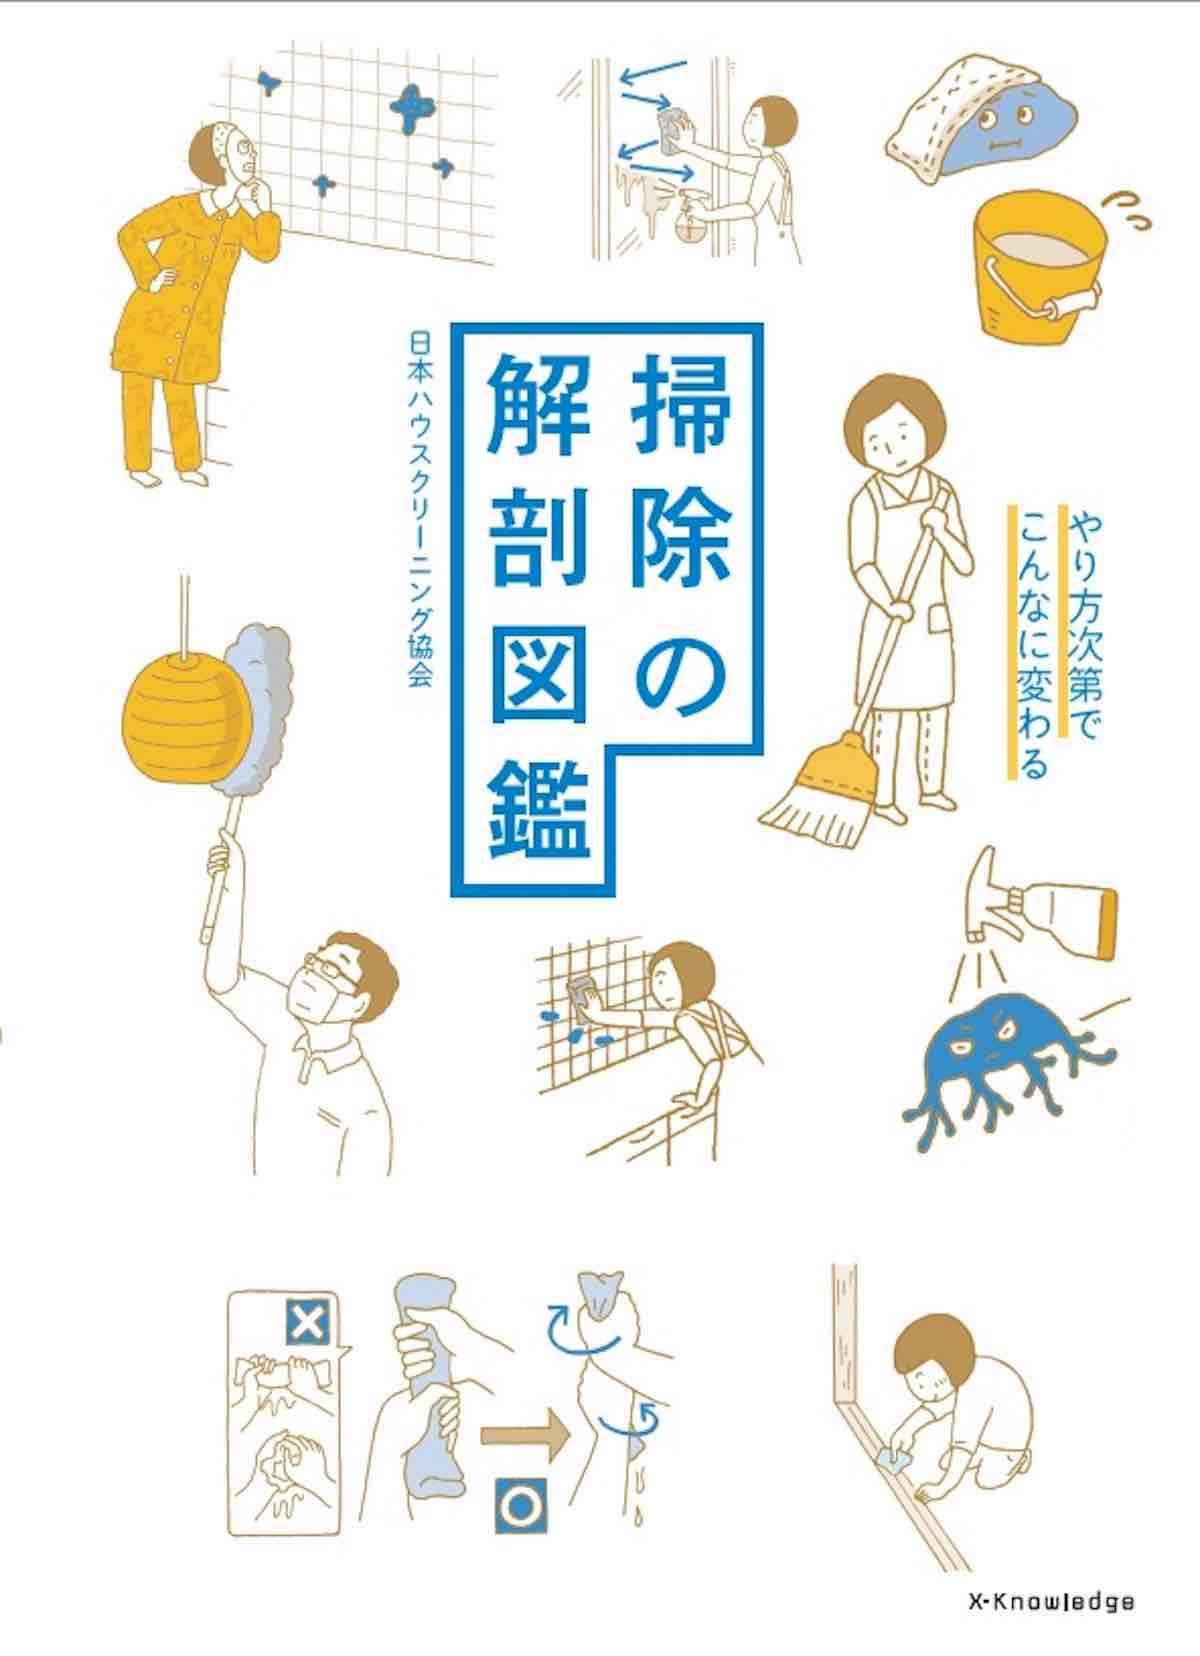 s掃除の解剖図鑑jpg